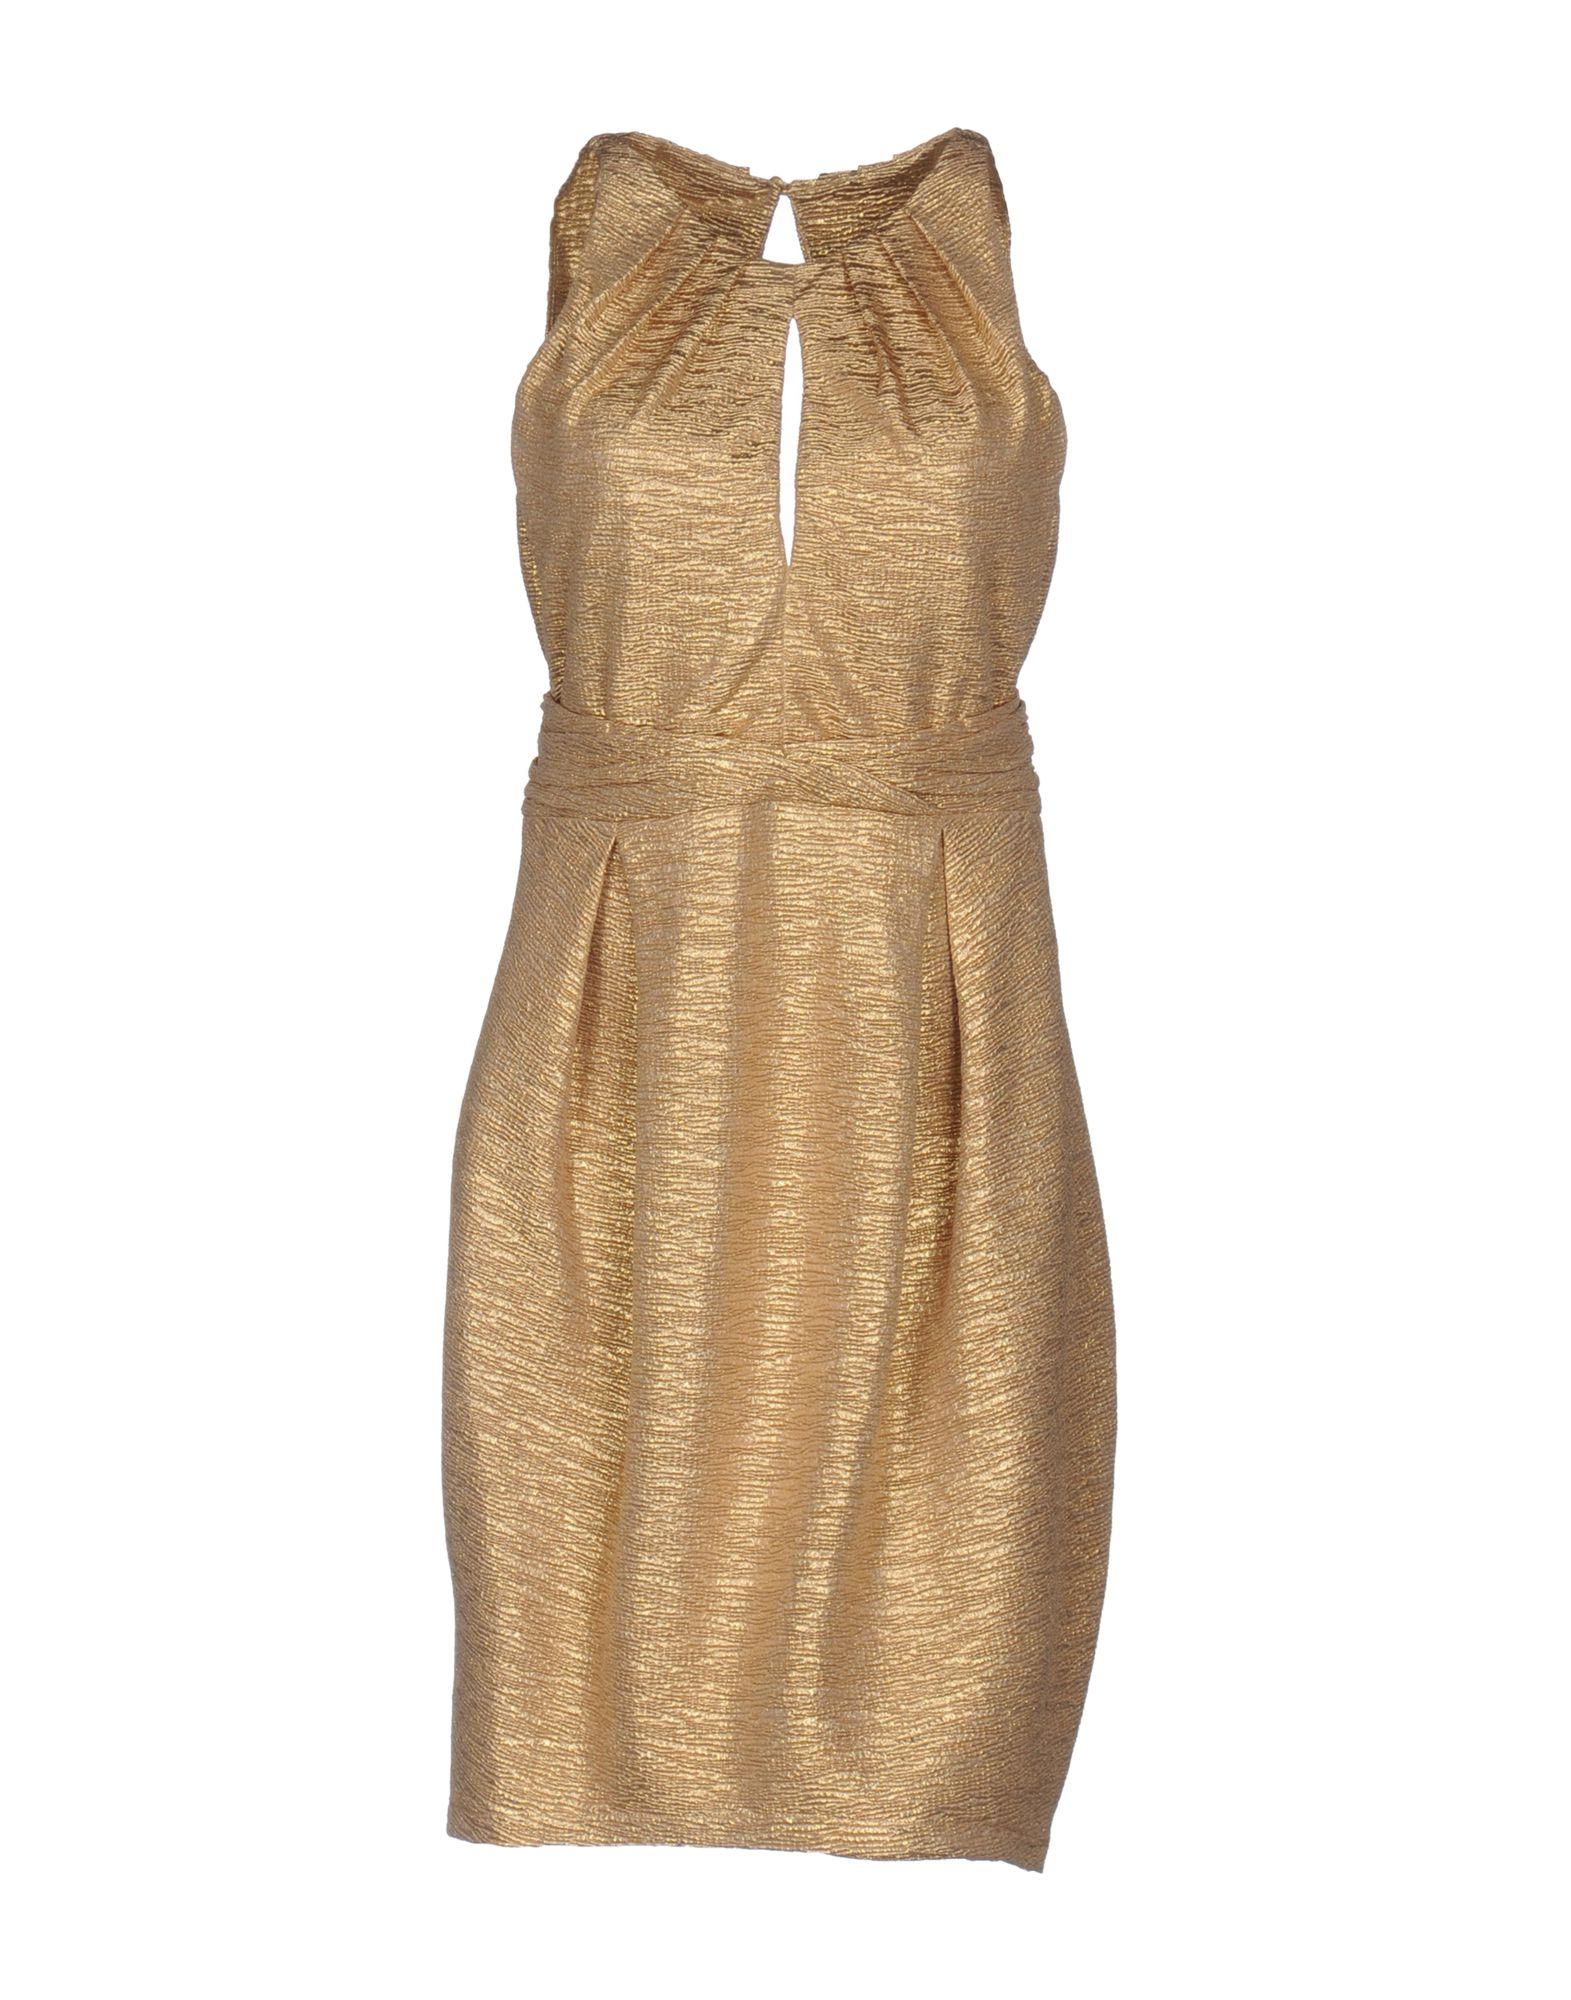 ANNARITA N. Damen Kurzes Kleid Farbe Gold Größe 6